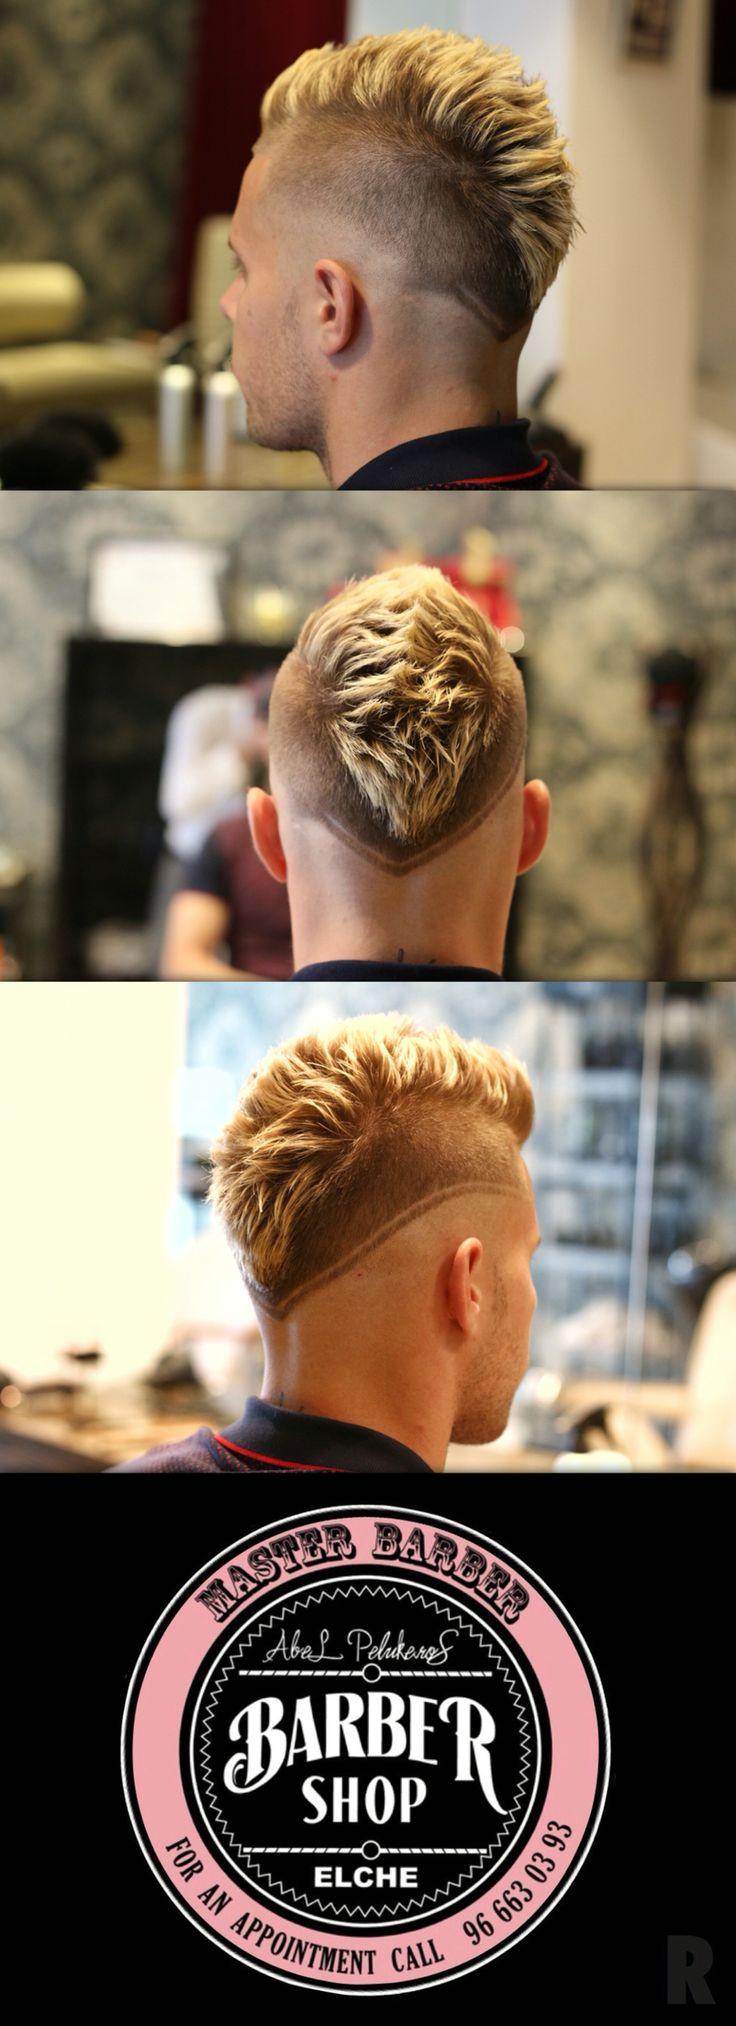 Corte de pelo realizado por el equipo @Abelpelukeros ELCHE® Alicante BARBERSHOP #peluqueria #hombre #estilo #style #barber #barbershop #men's #barberia #afeitado #shave #americancrew #moda #fashion #abelpelukeros #caballero #masculino #cuidado #cabello #hair #pelo #tendencias #chico #friseure #coiffure #friseur #homme #man #oldschool  #HairTatoo #Parrucchieri #Hairdressing  #beards #barbas #spain ESPECIALISTAS PELUQUERIA MASCULINA. http://abelpelukeros-abelpelukeros.blogspot.com.es